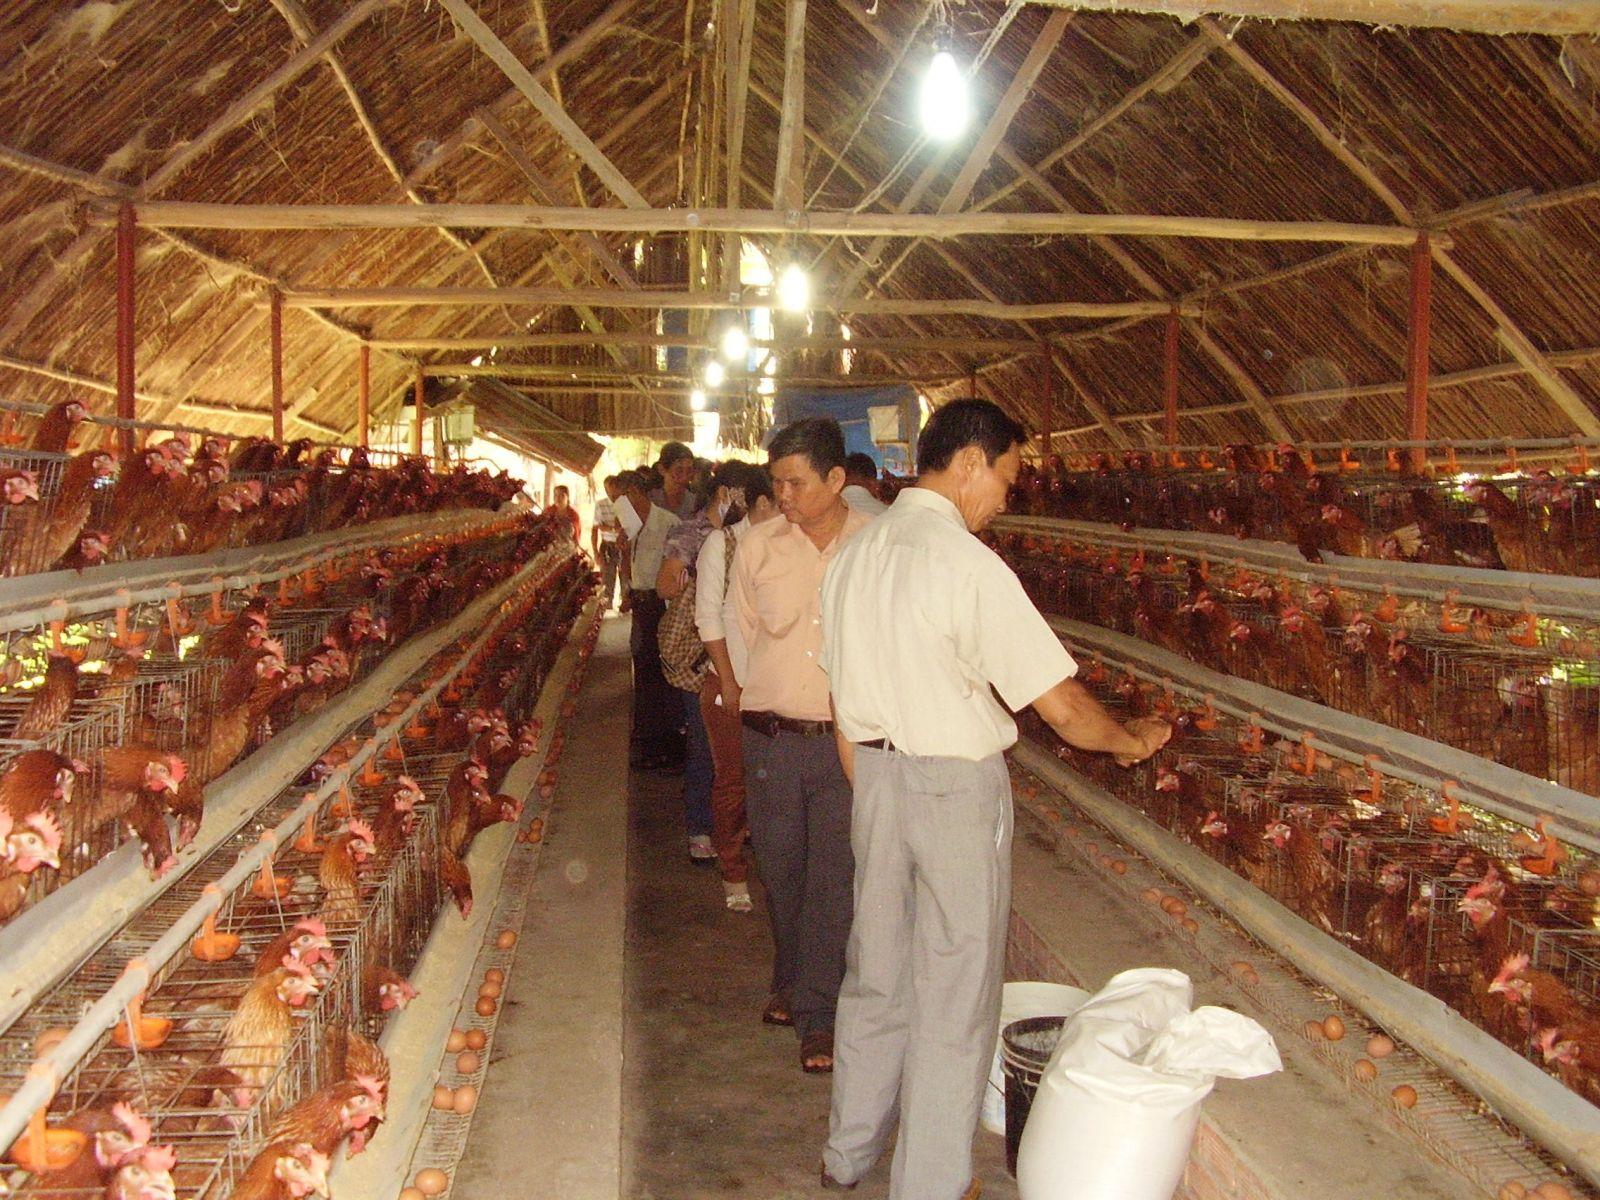 Hướng dẫn kỹ thuật chăn nuôi gà công nghiệp - 55bdddb477454